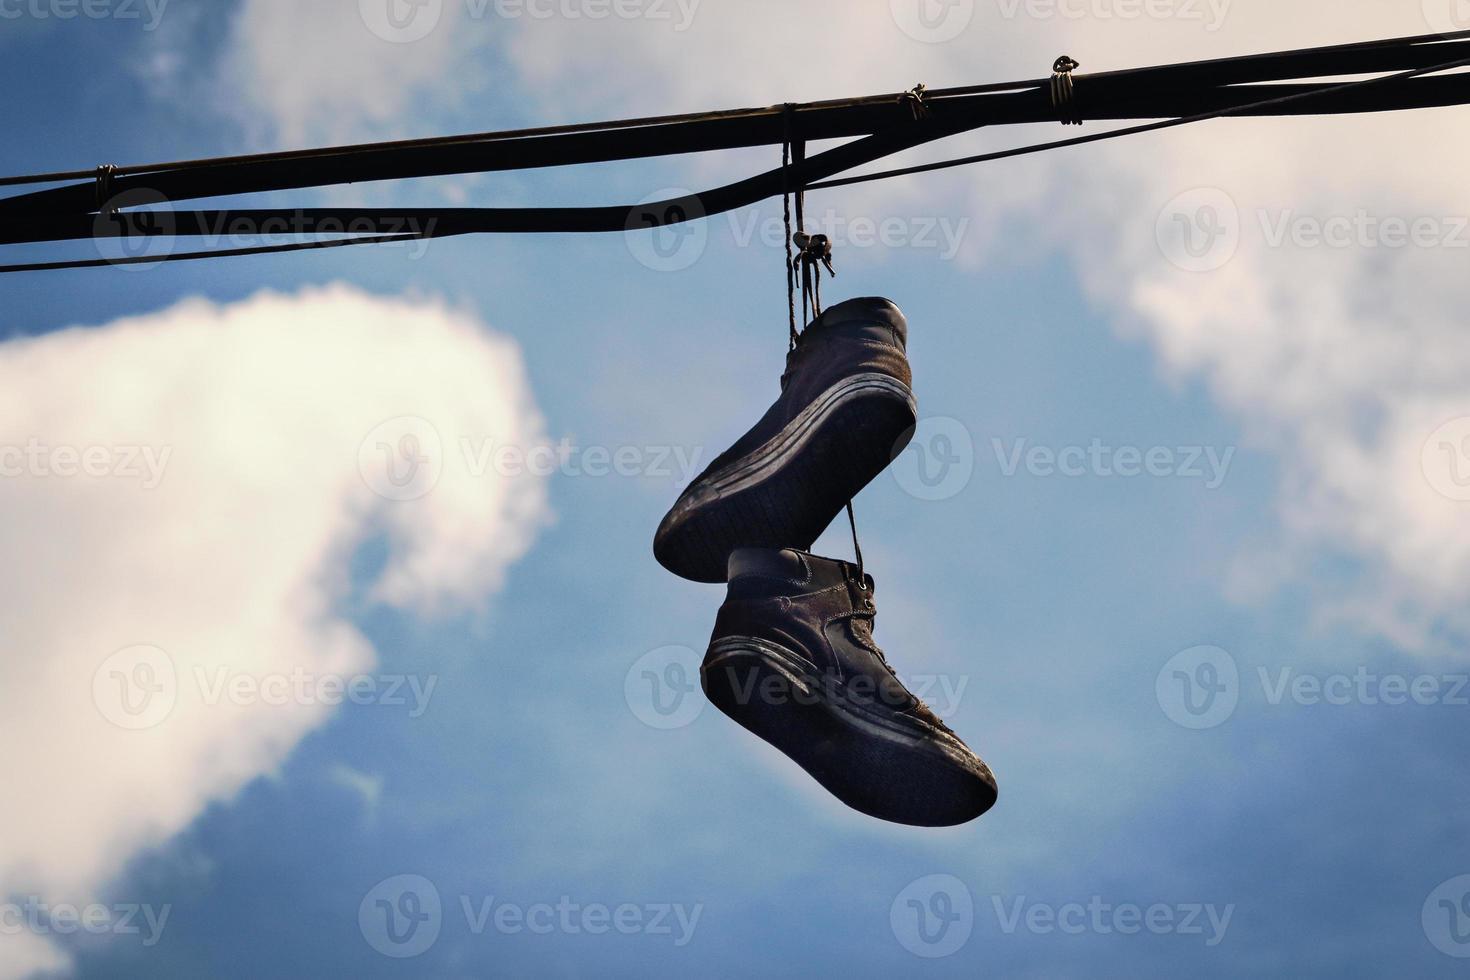 due vecchie scarpe da ginnastica sporche appese ai fili nel cielo blu con nuvole foto